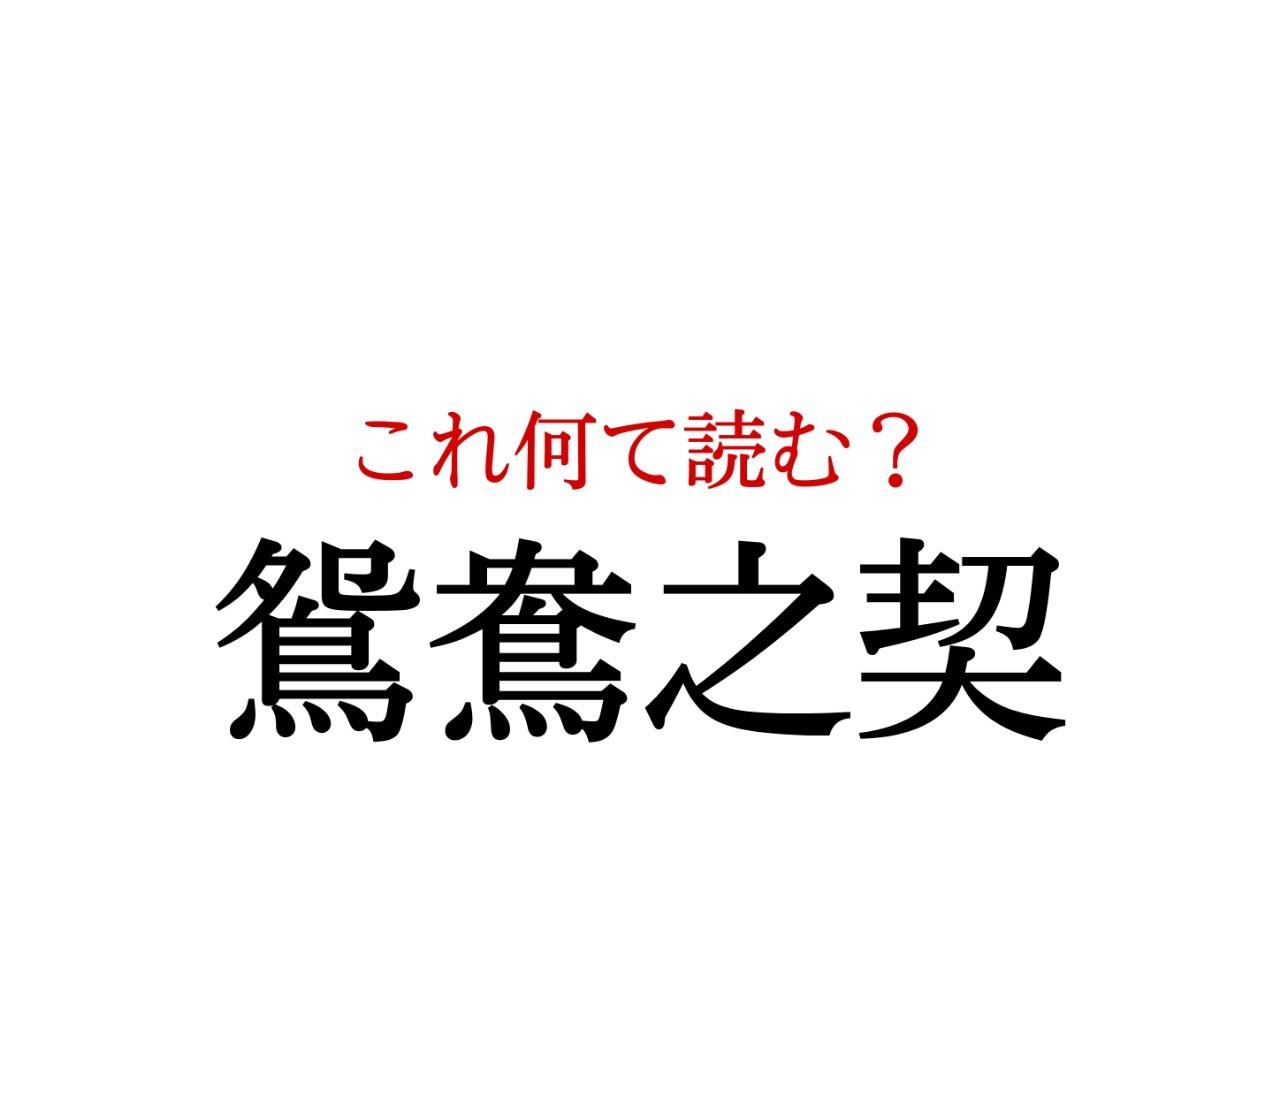 「鴛鴦之契」:この漢字、自信を持って読めますか?【働く大人の漢字クイズvol.92】